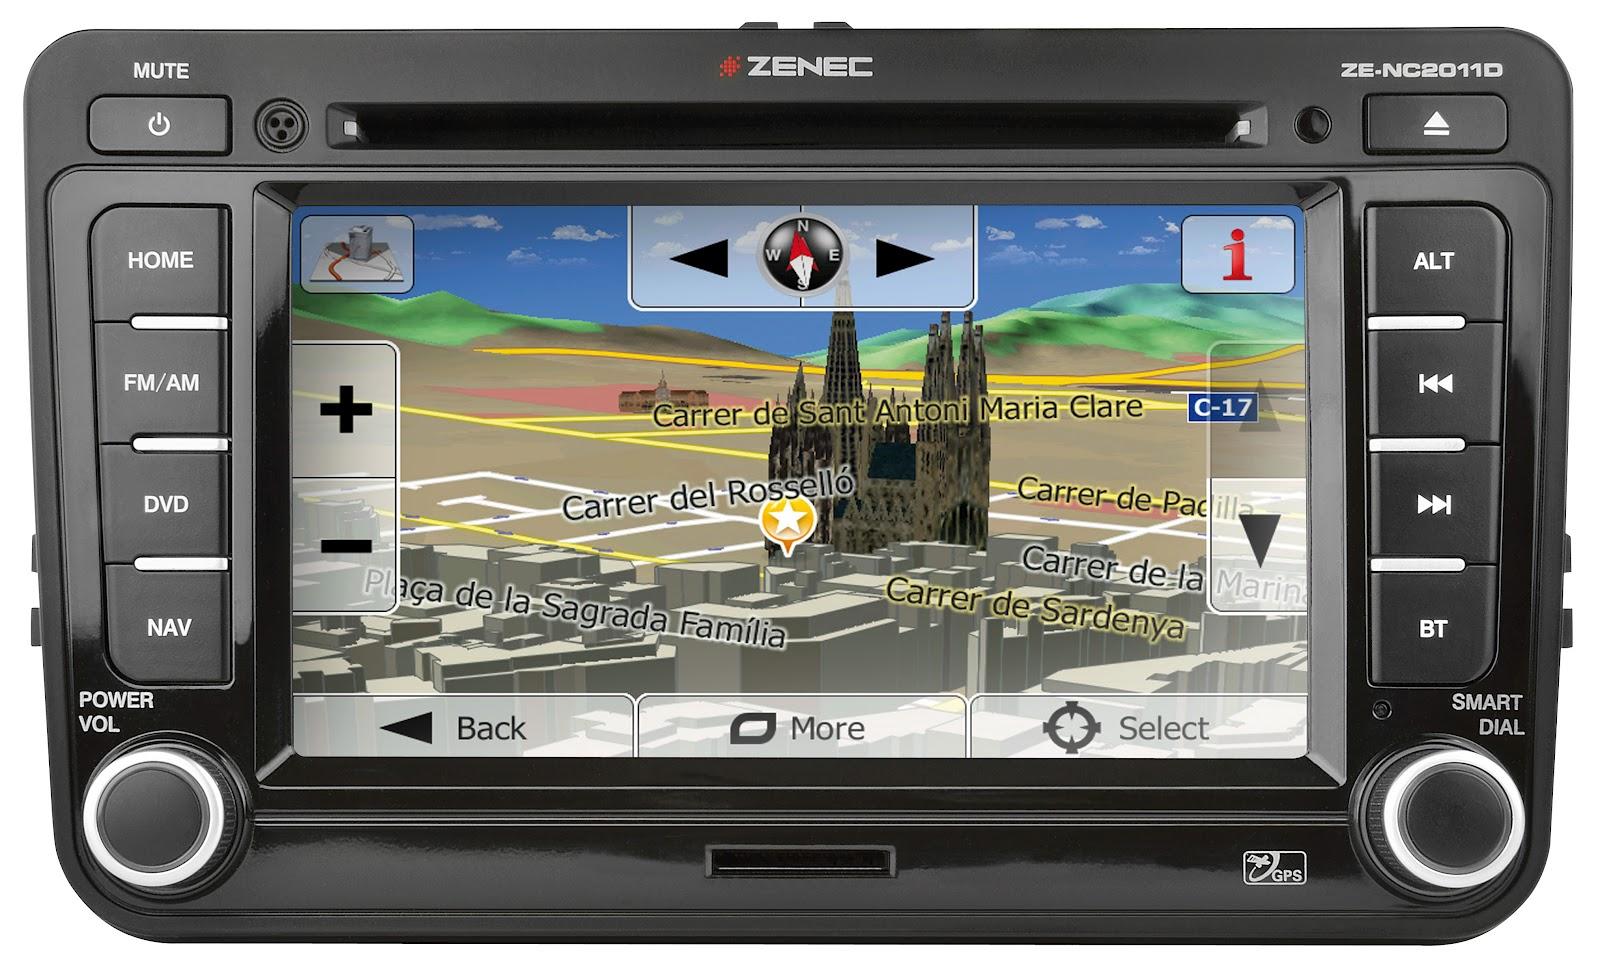 zenec navigatie zenec ze nc2011d volkswagen vw navigatie. Black Bedroom Furniture Sets. Home Design Ideas